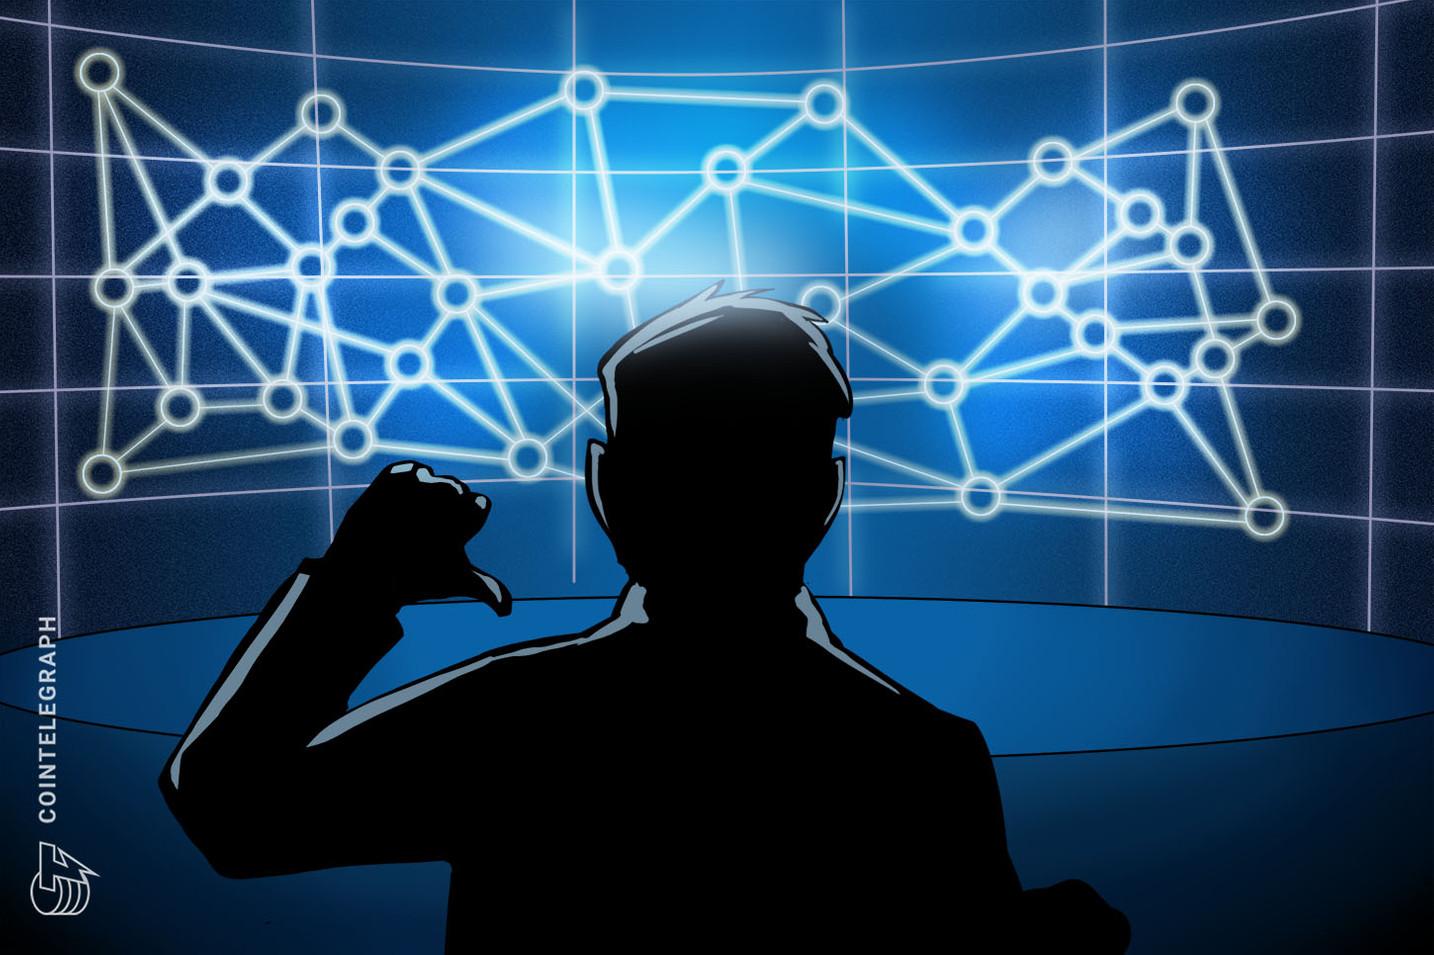 """Experte: Private Blockchains sind """"sinnlos"""" und werden """"krachend scheitern"""""""